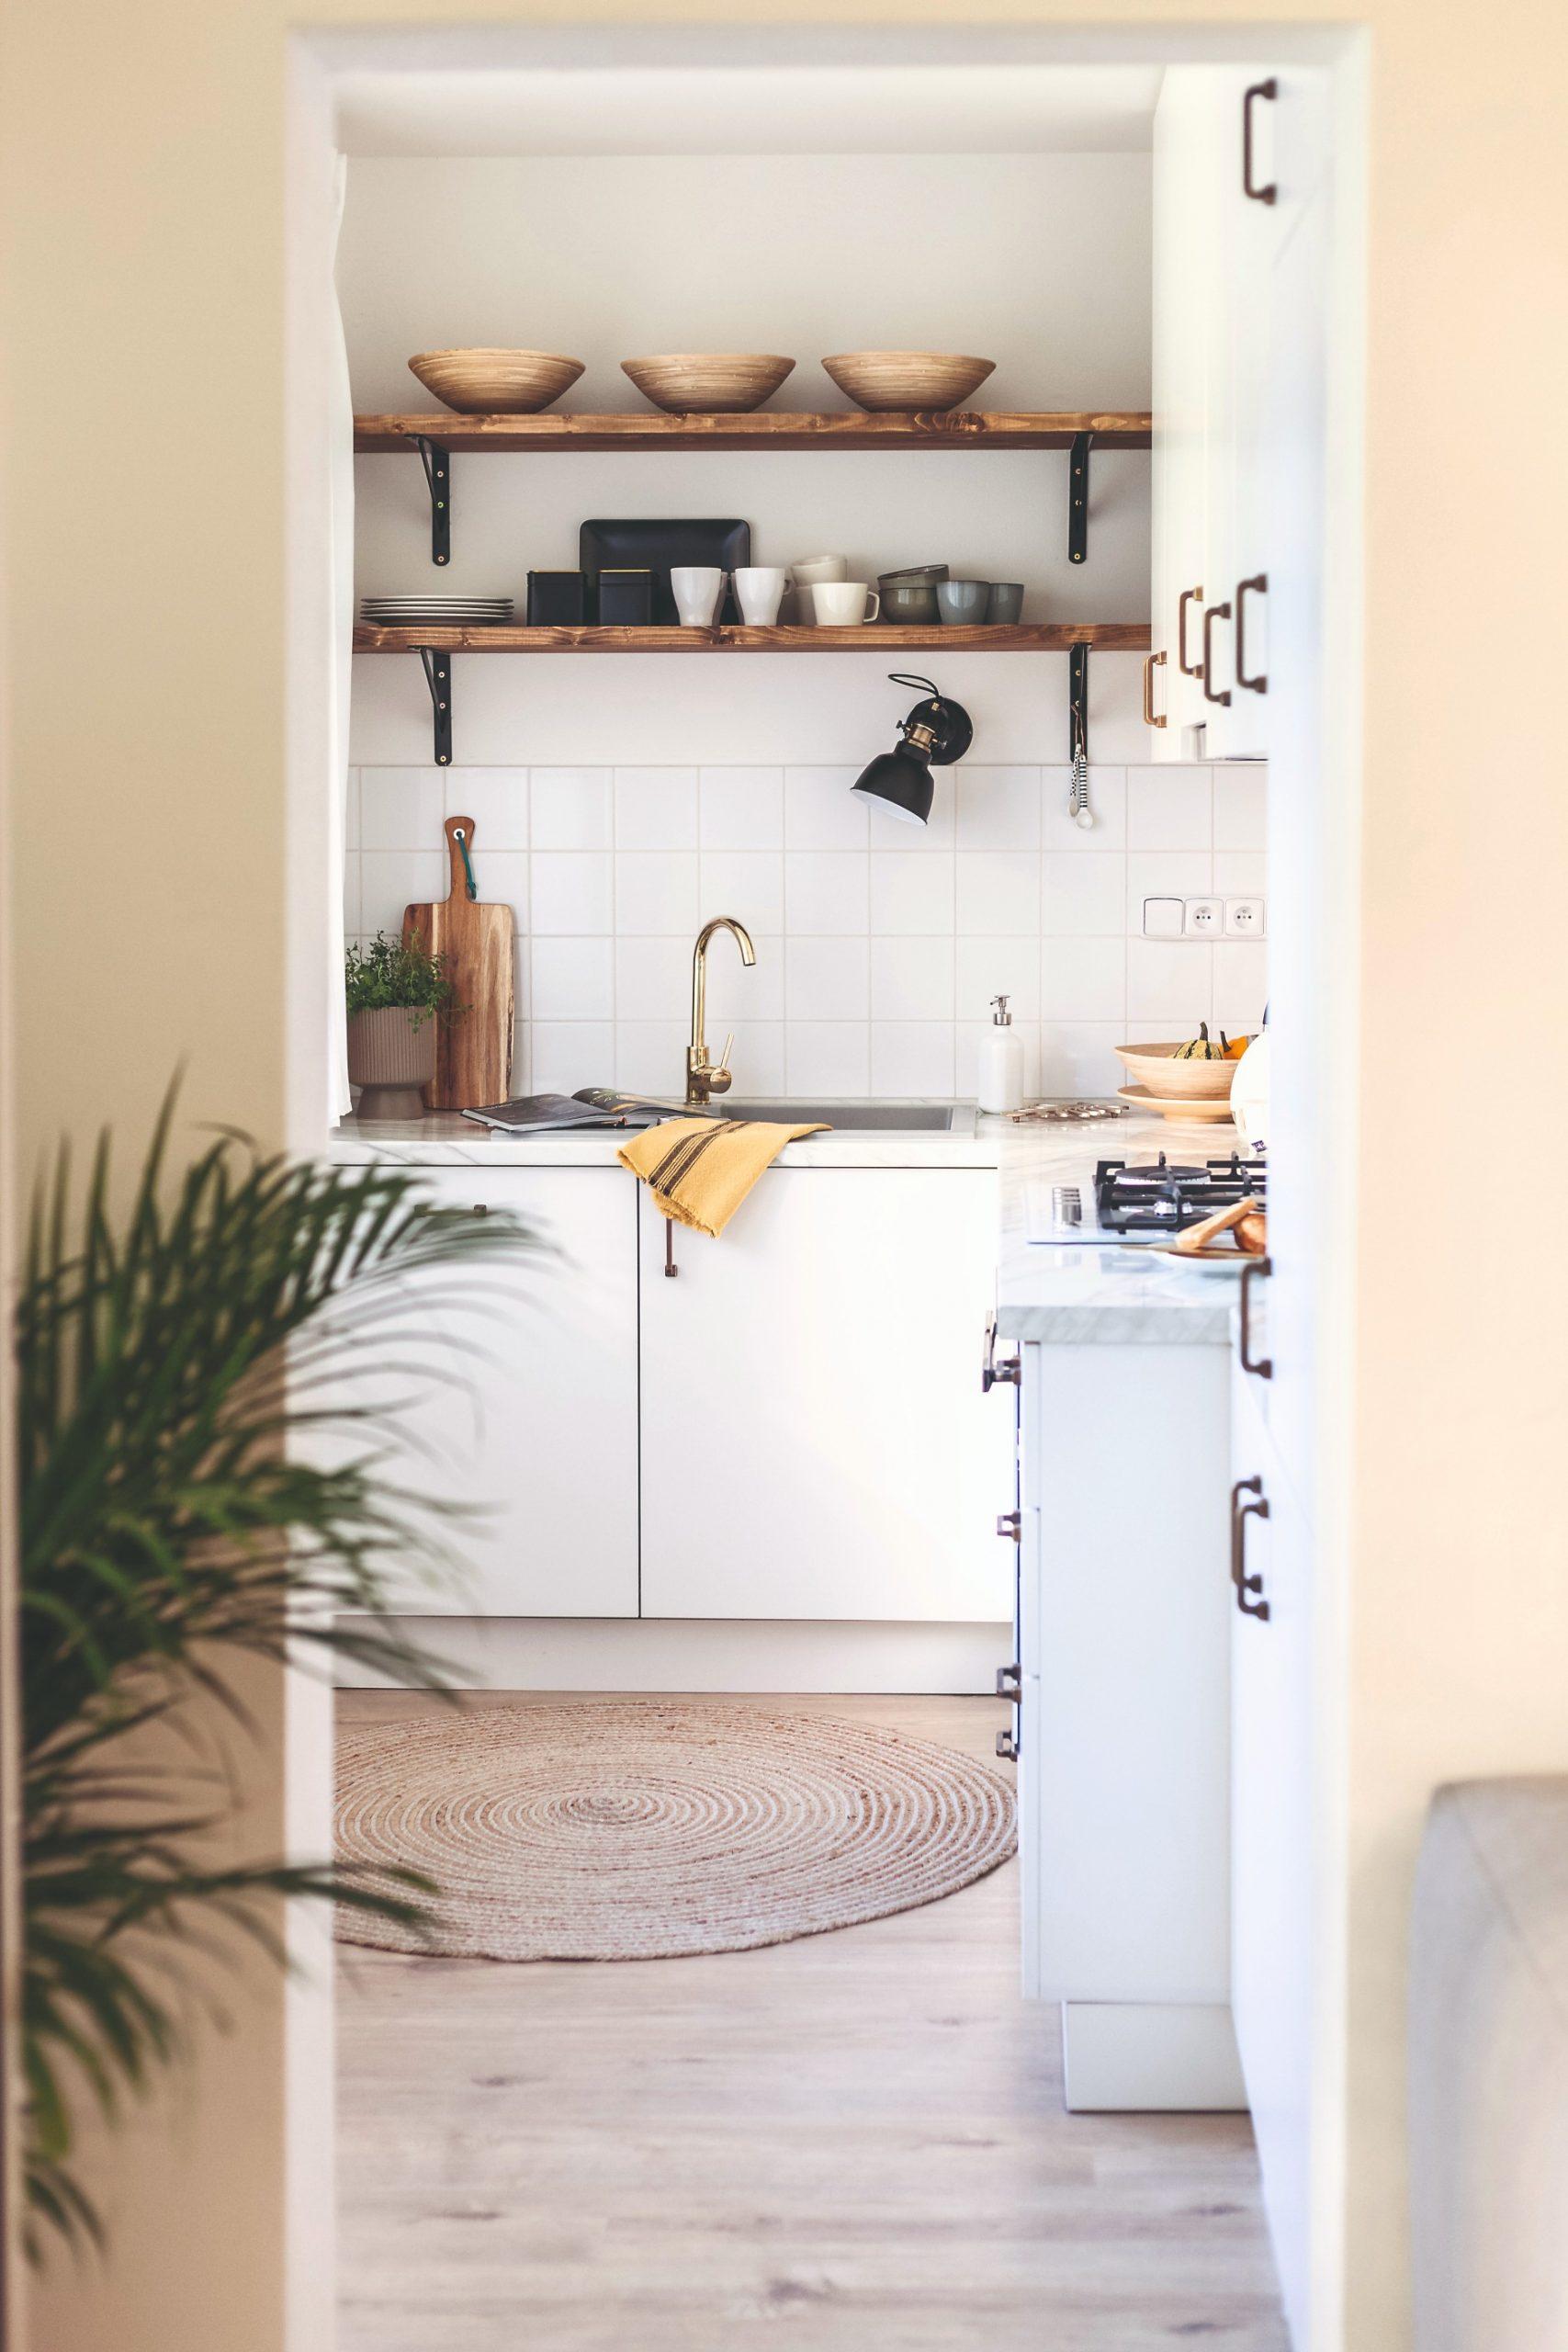 Biela kuchyňa s policami z masívu